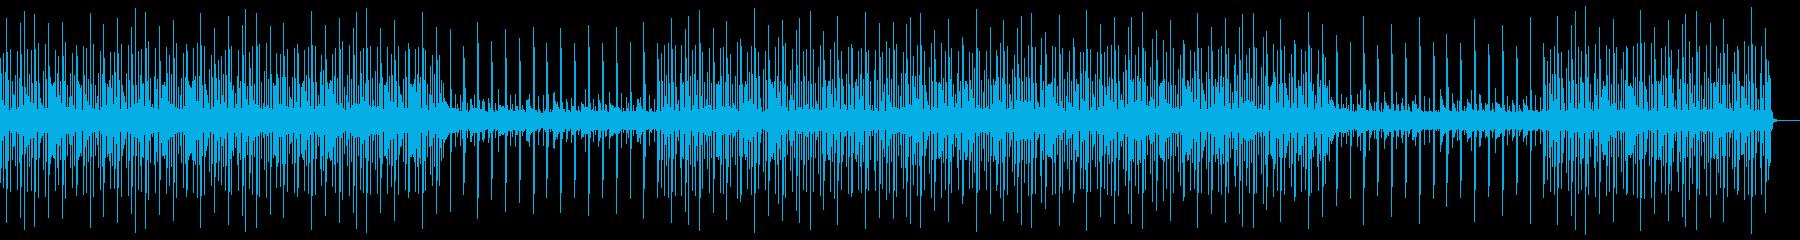 リラックス・穏やかおしゃれなチルアウトの再生済みの波形